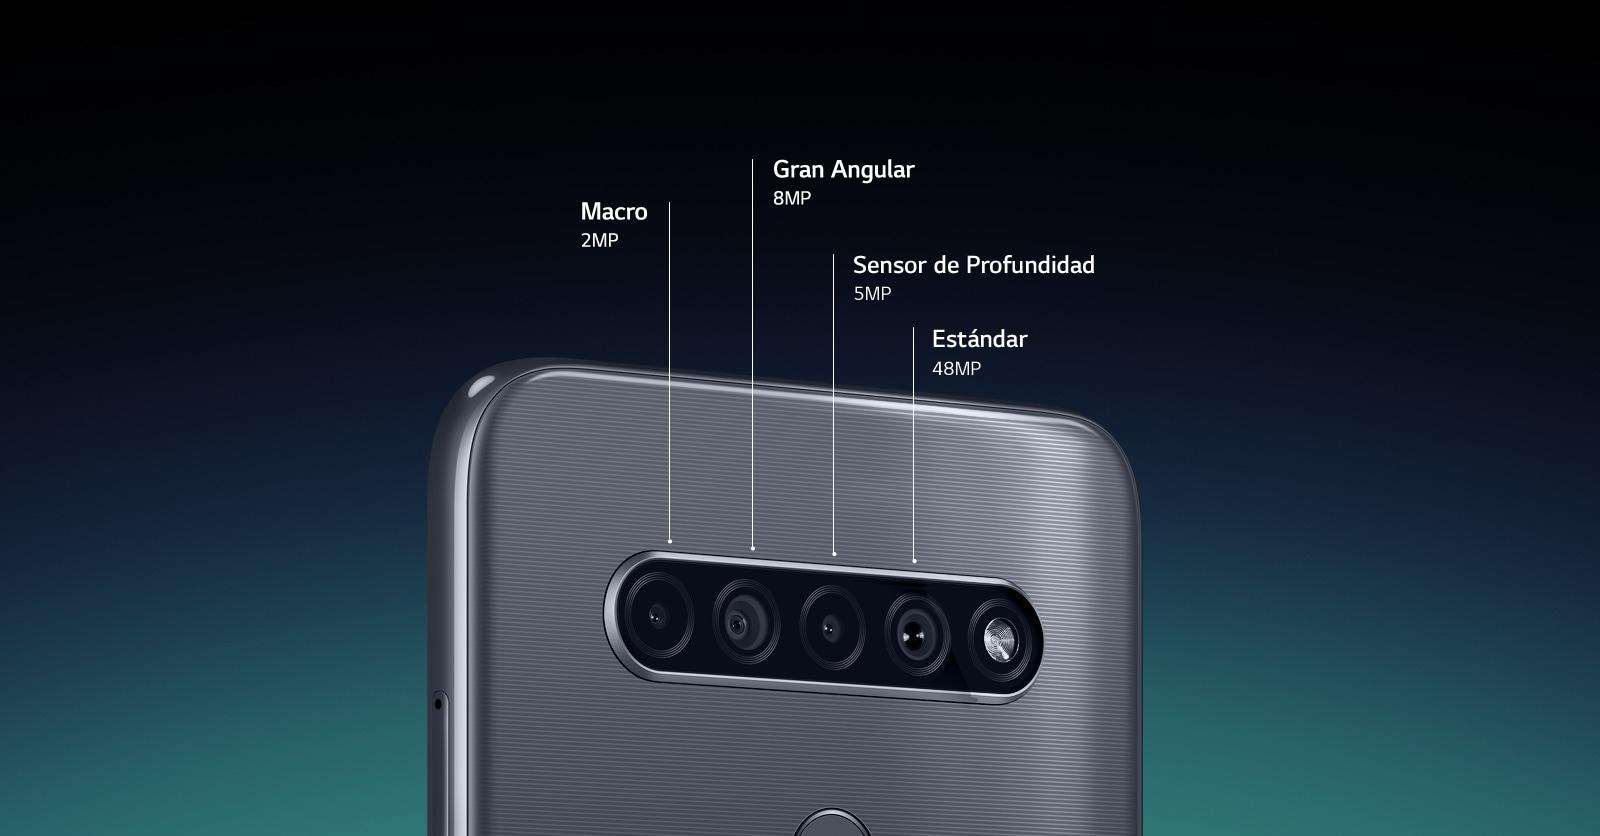 Vista trasera de un teléfono inteligente que muestra cuatro cámaras